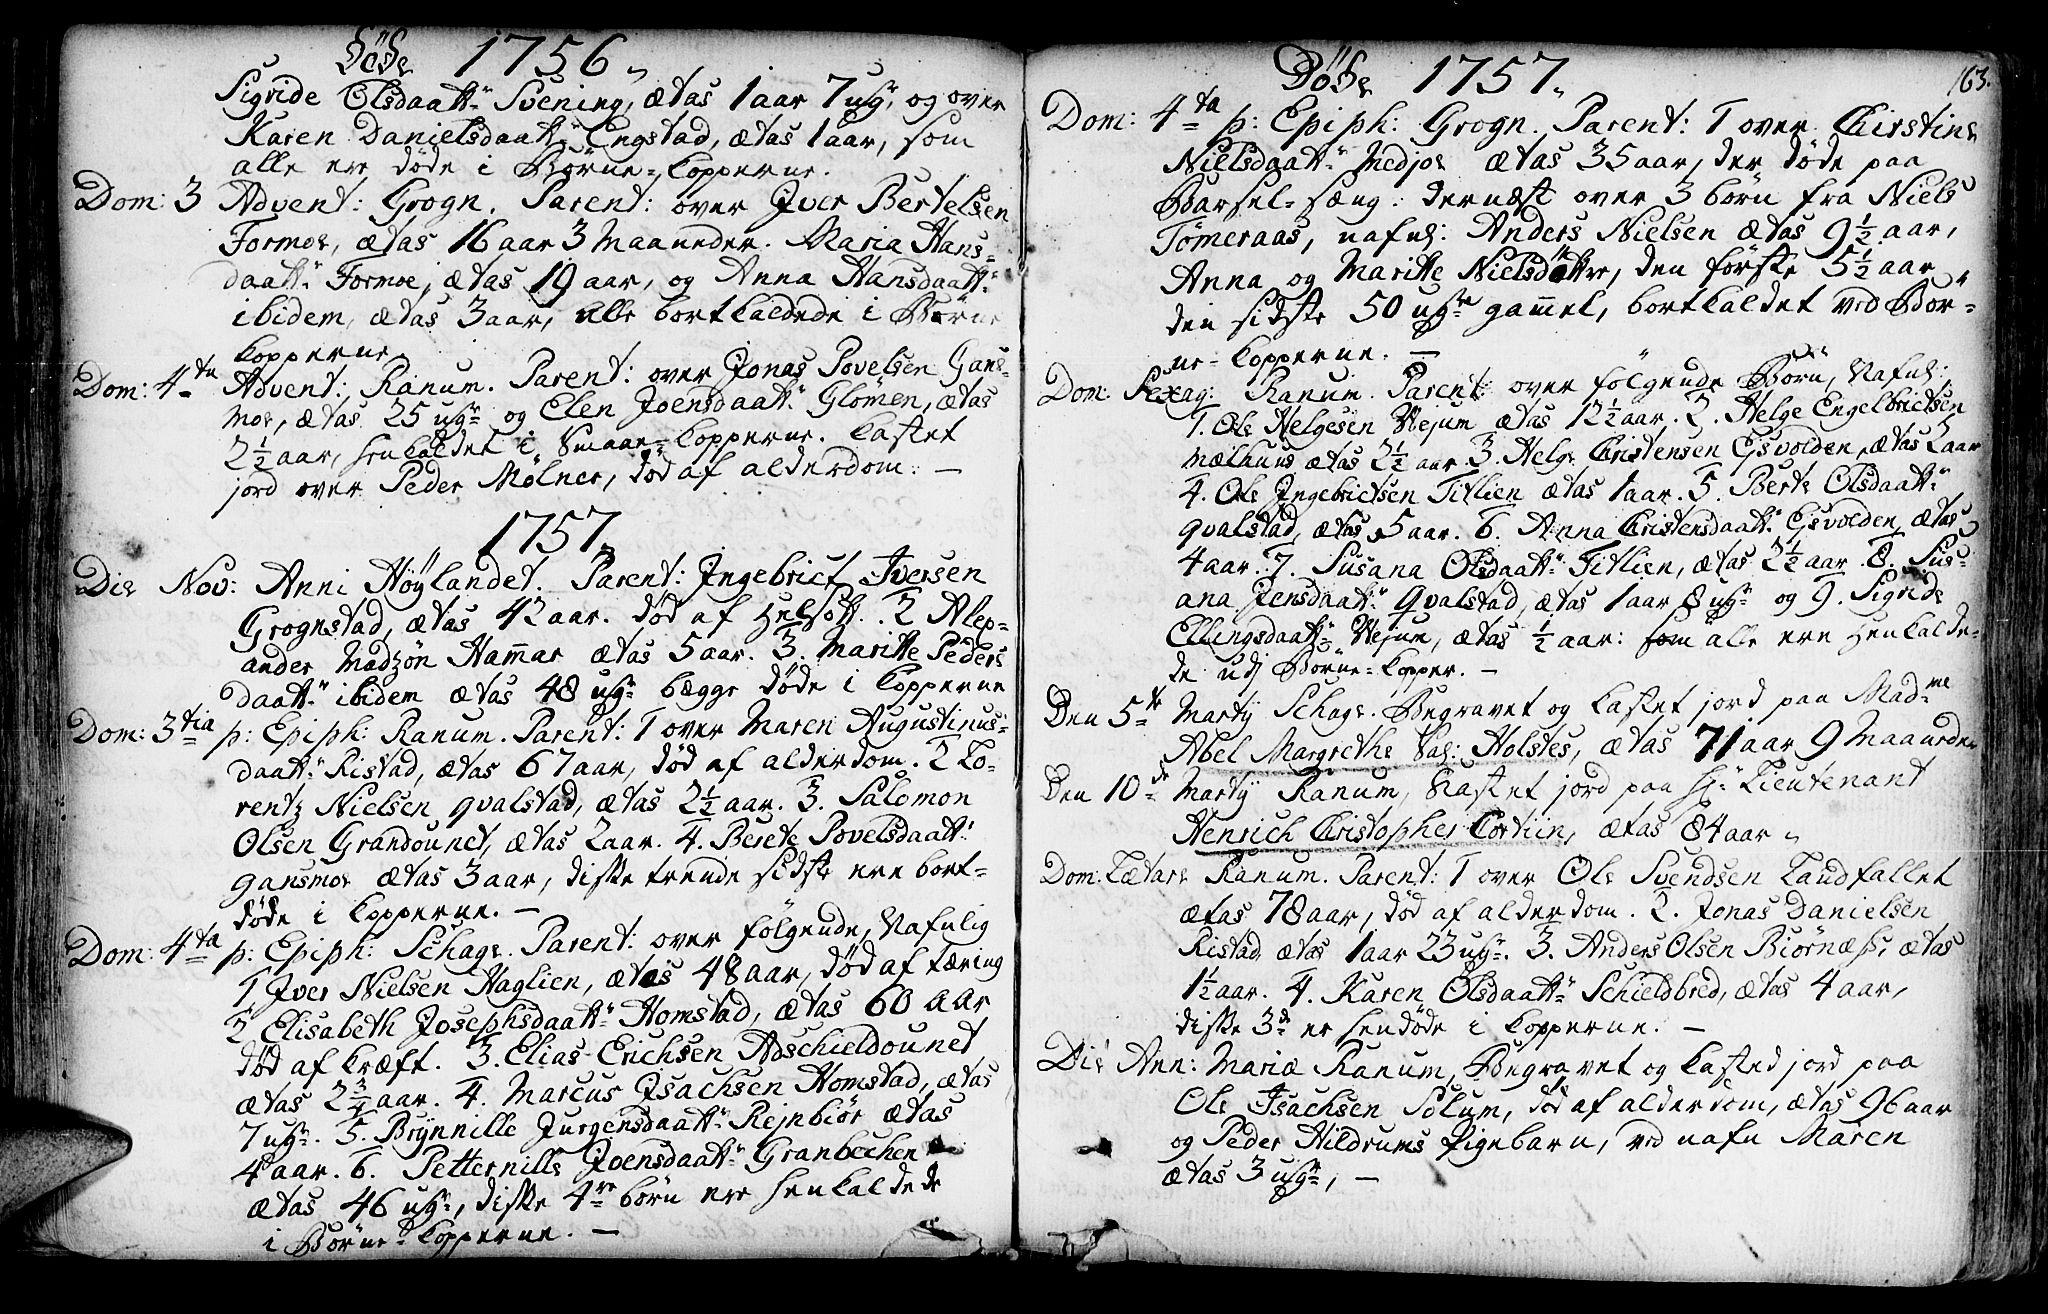 SAT, Ministerialprotokoller, klokkerbøker og fødselsregistre - Nord-Trøndelag, 764/L0542: Ministerialbok nr. 764A02, 1748-1779, s. 163